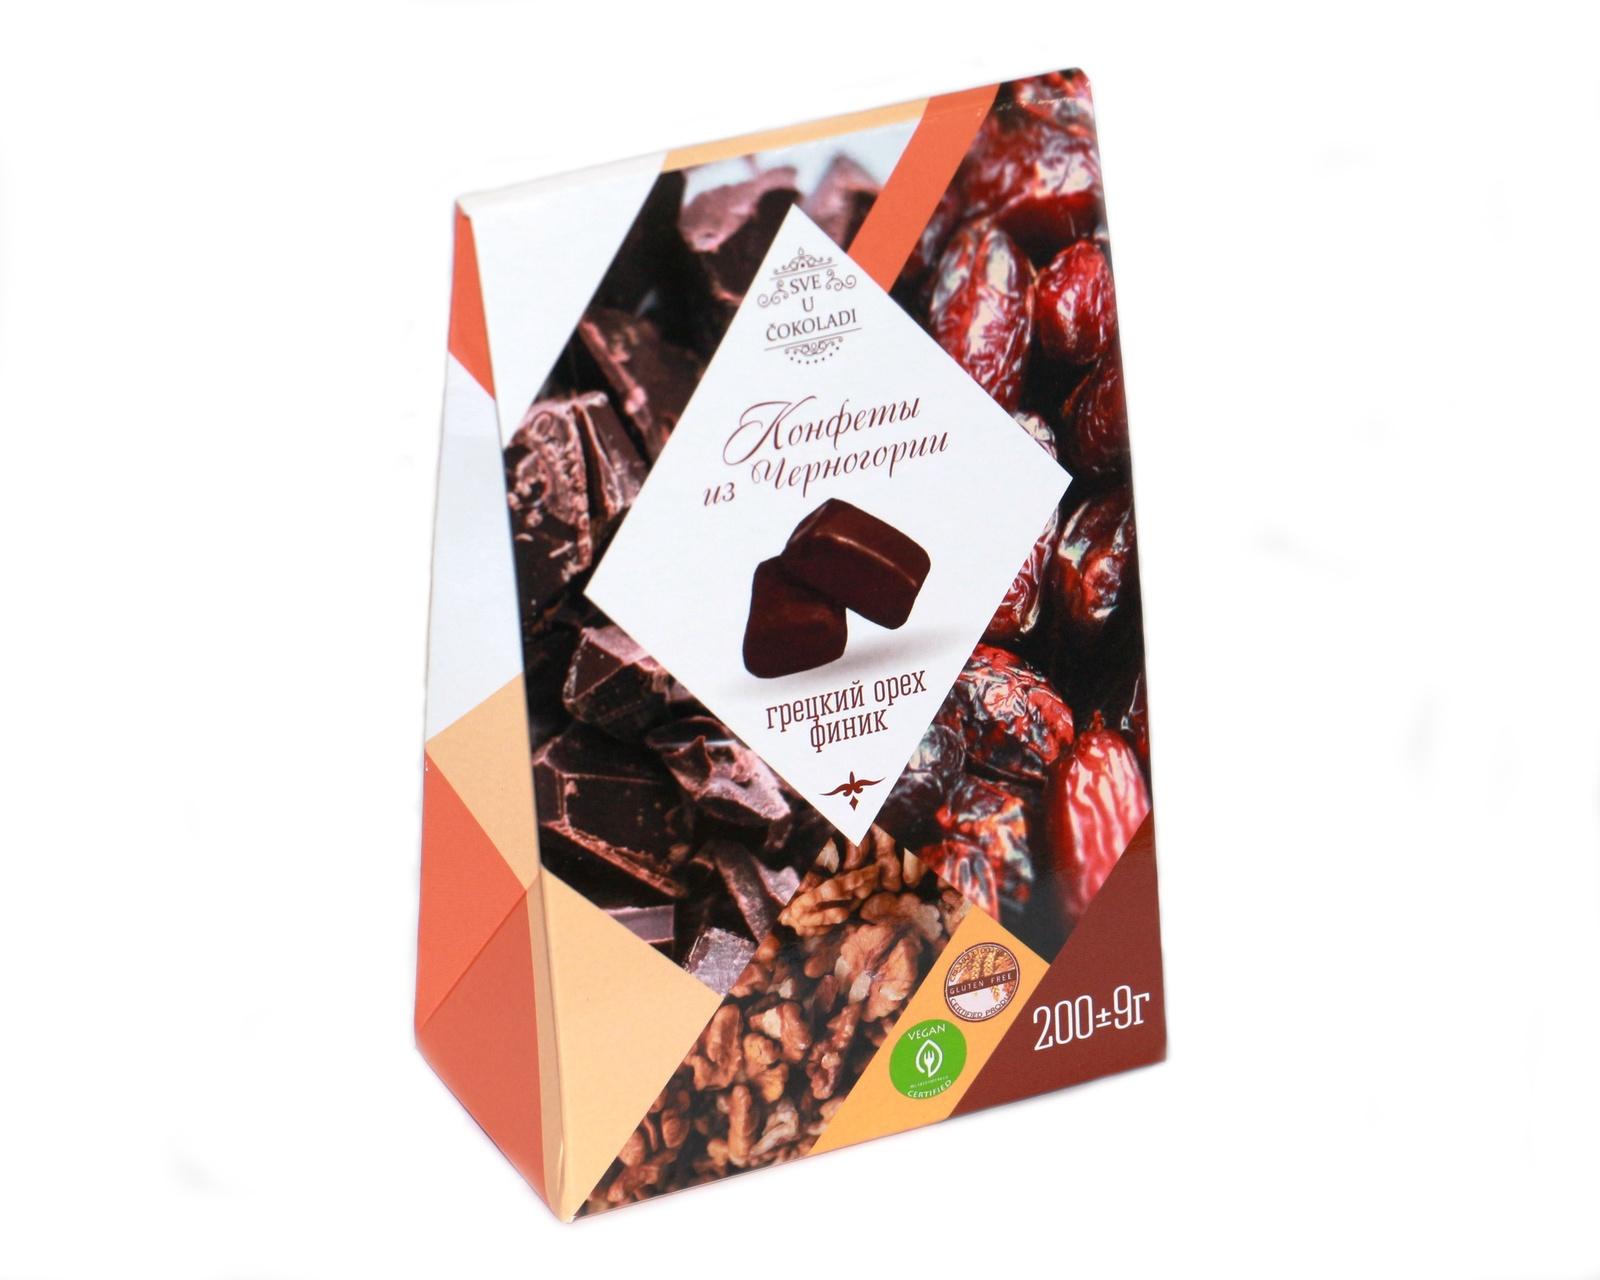 Финик в шоколаде с грецким орехом умные сладости конфеты курага с грецким орехом в шоколадной глазури 210 г